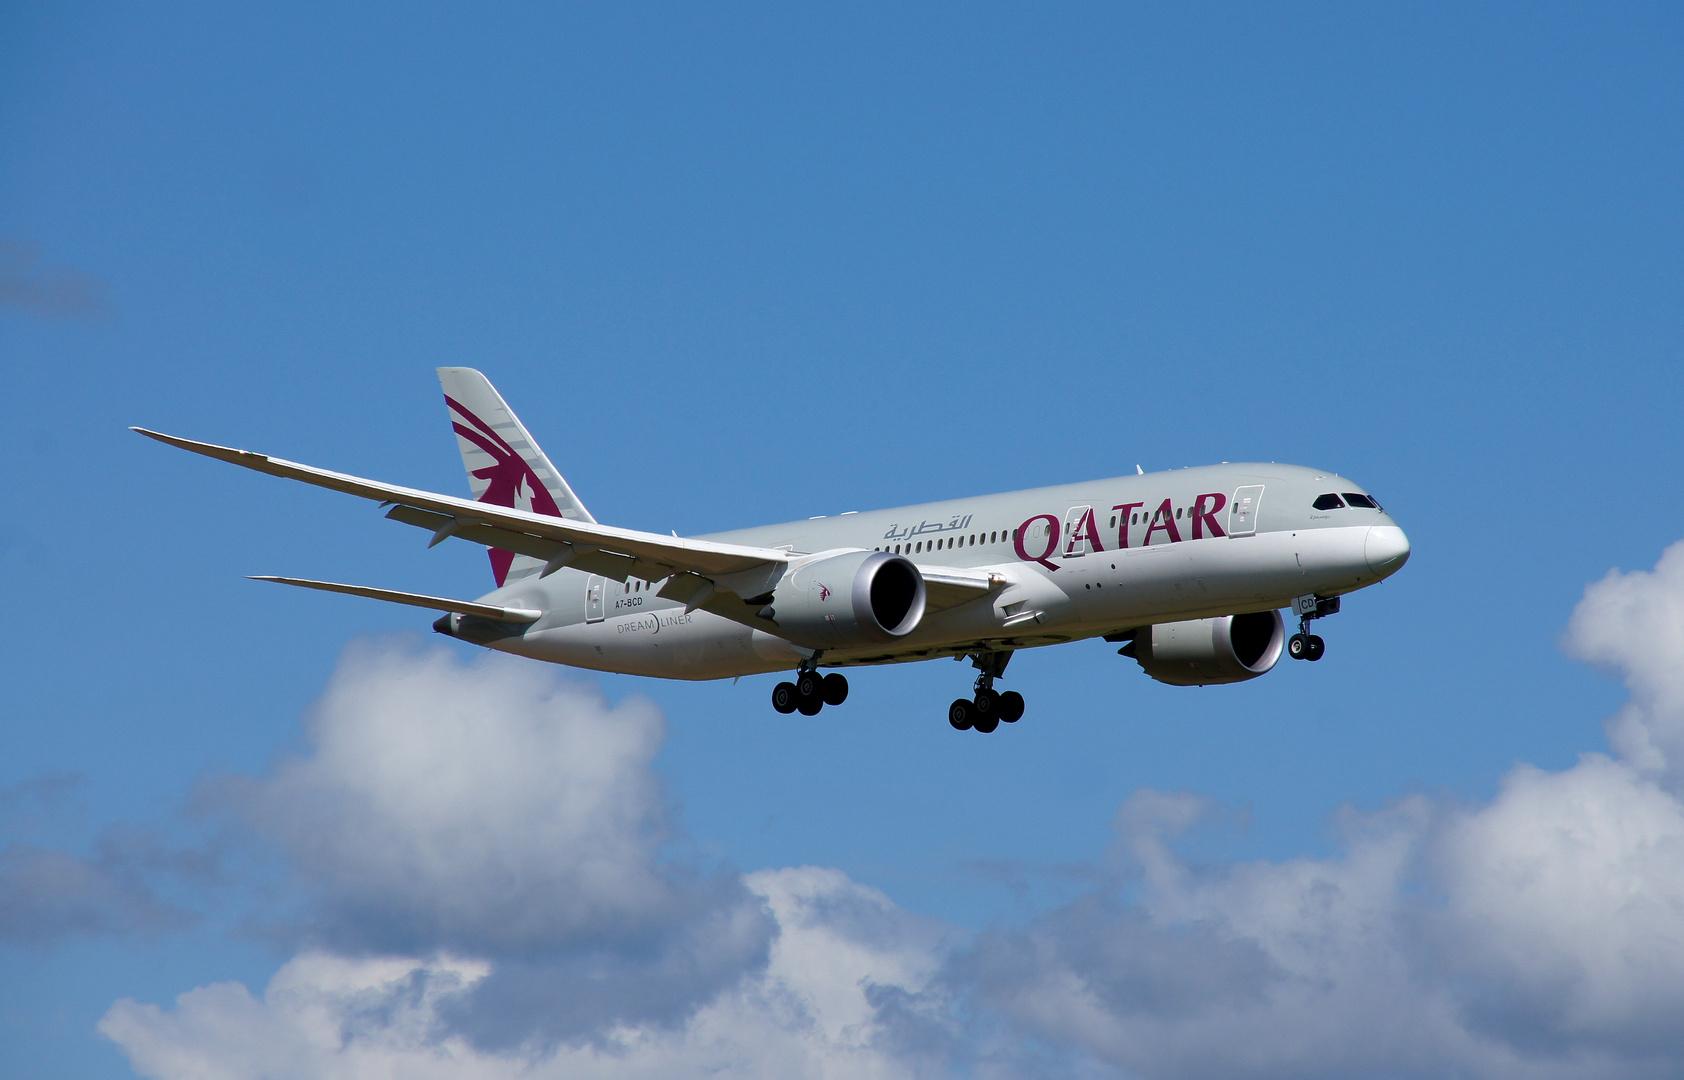 Qatar Boeing 787 - Dreamliner